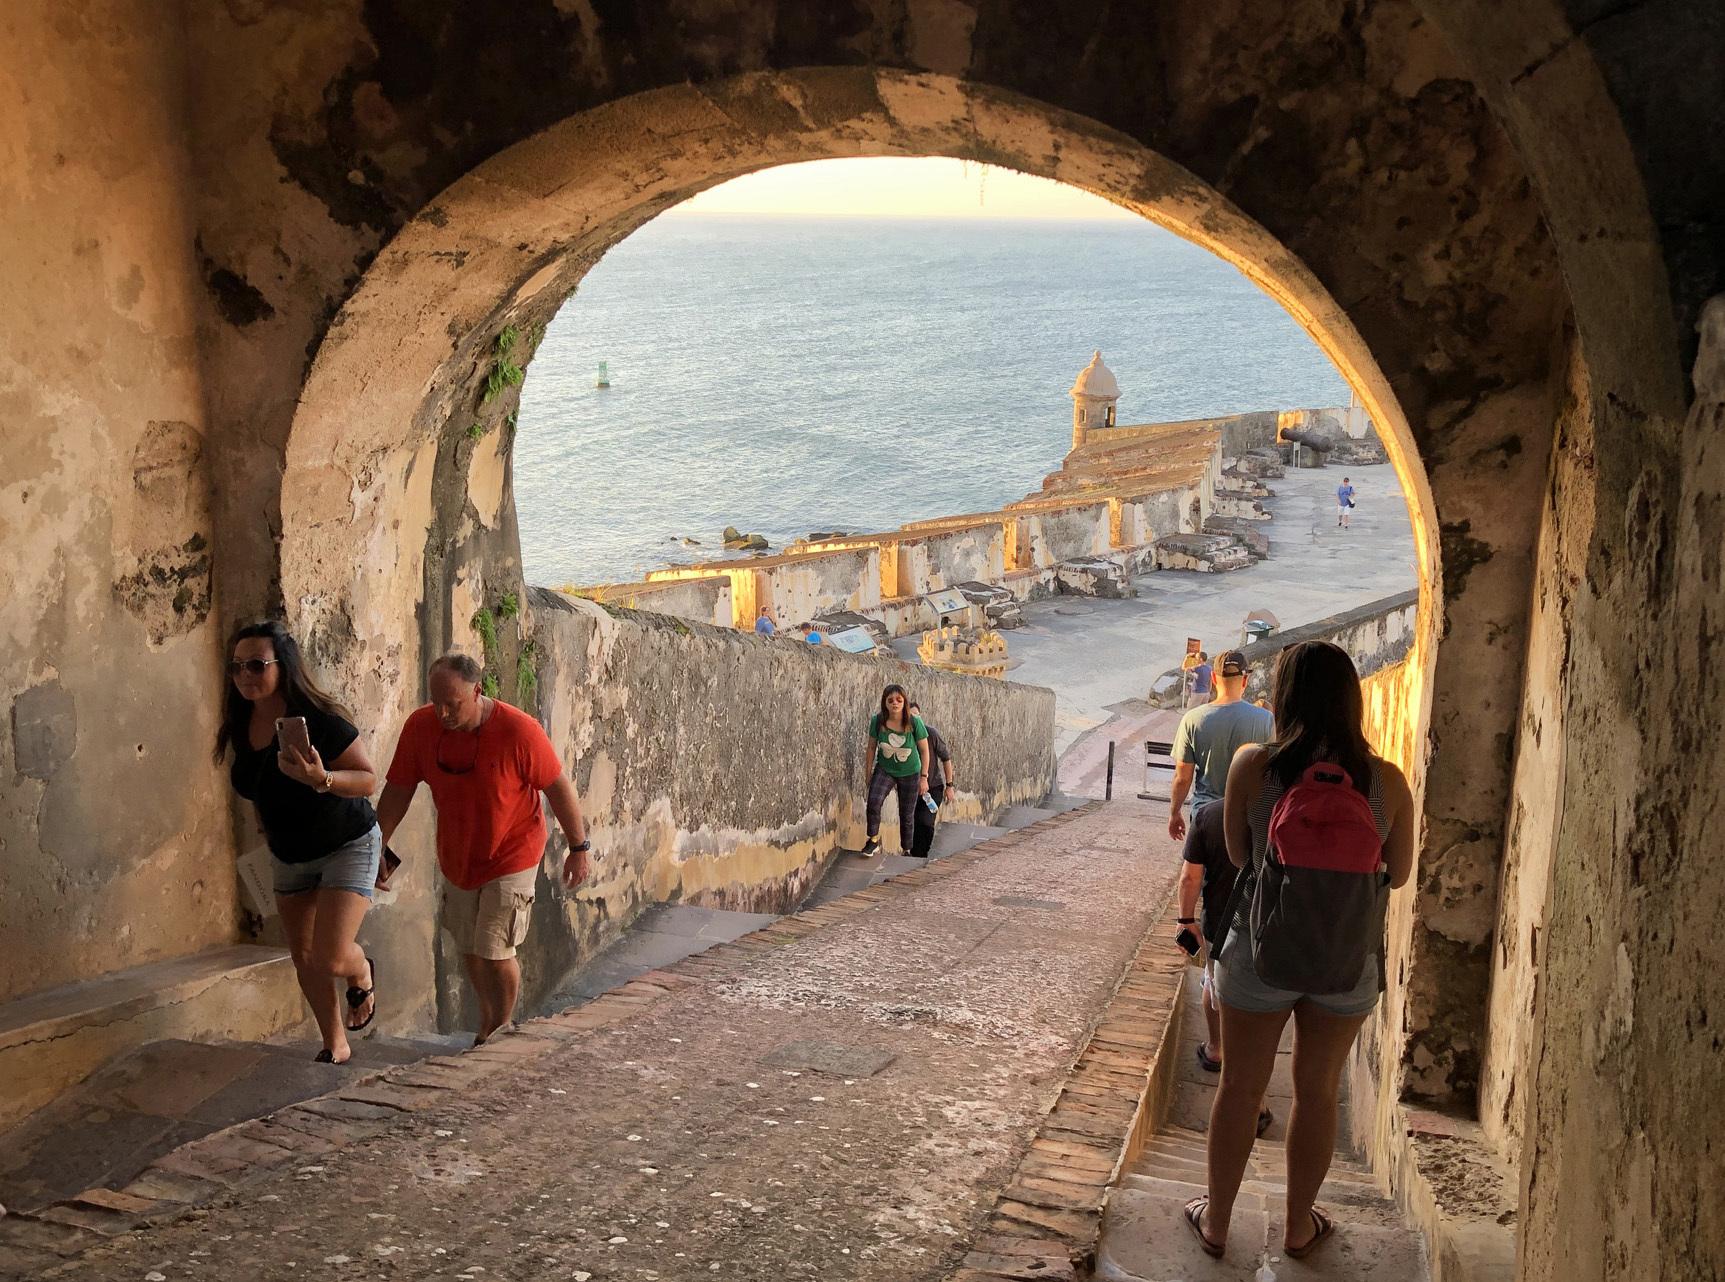 Puerto-Rico-El-Morro-tunnel ▷ Acabo de volver de: San Juan, Puerto Rico